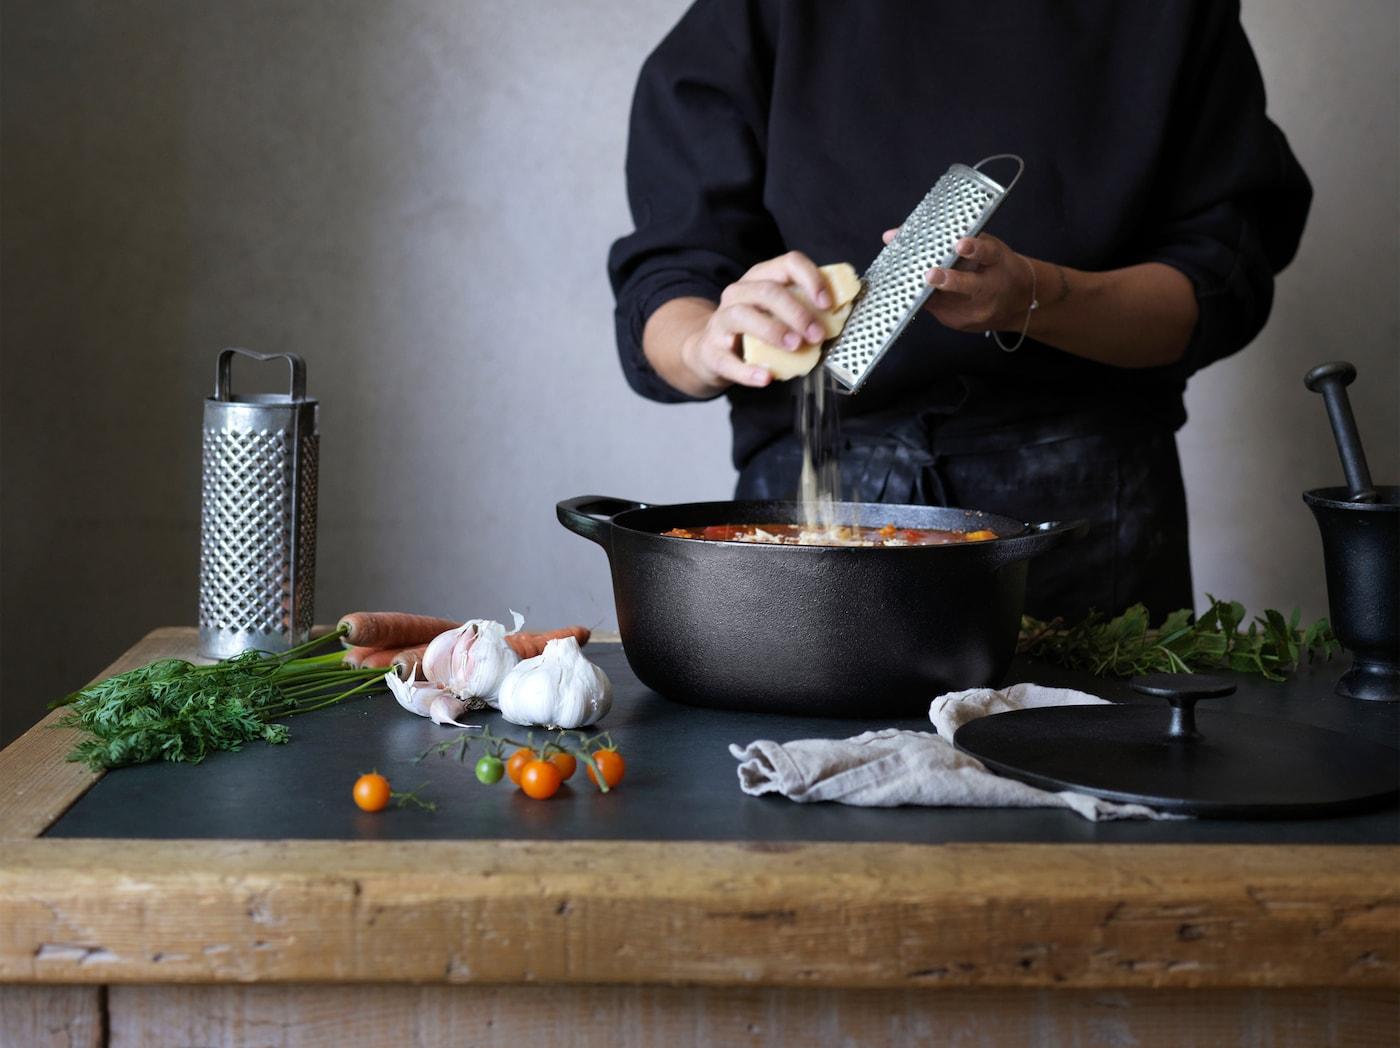 Eine Person reibt über einem schwarzen VARDAGEN Kochgeschirr etwas in eine Suppe.